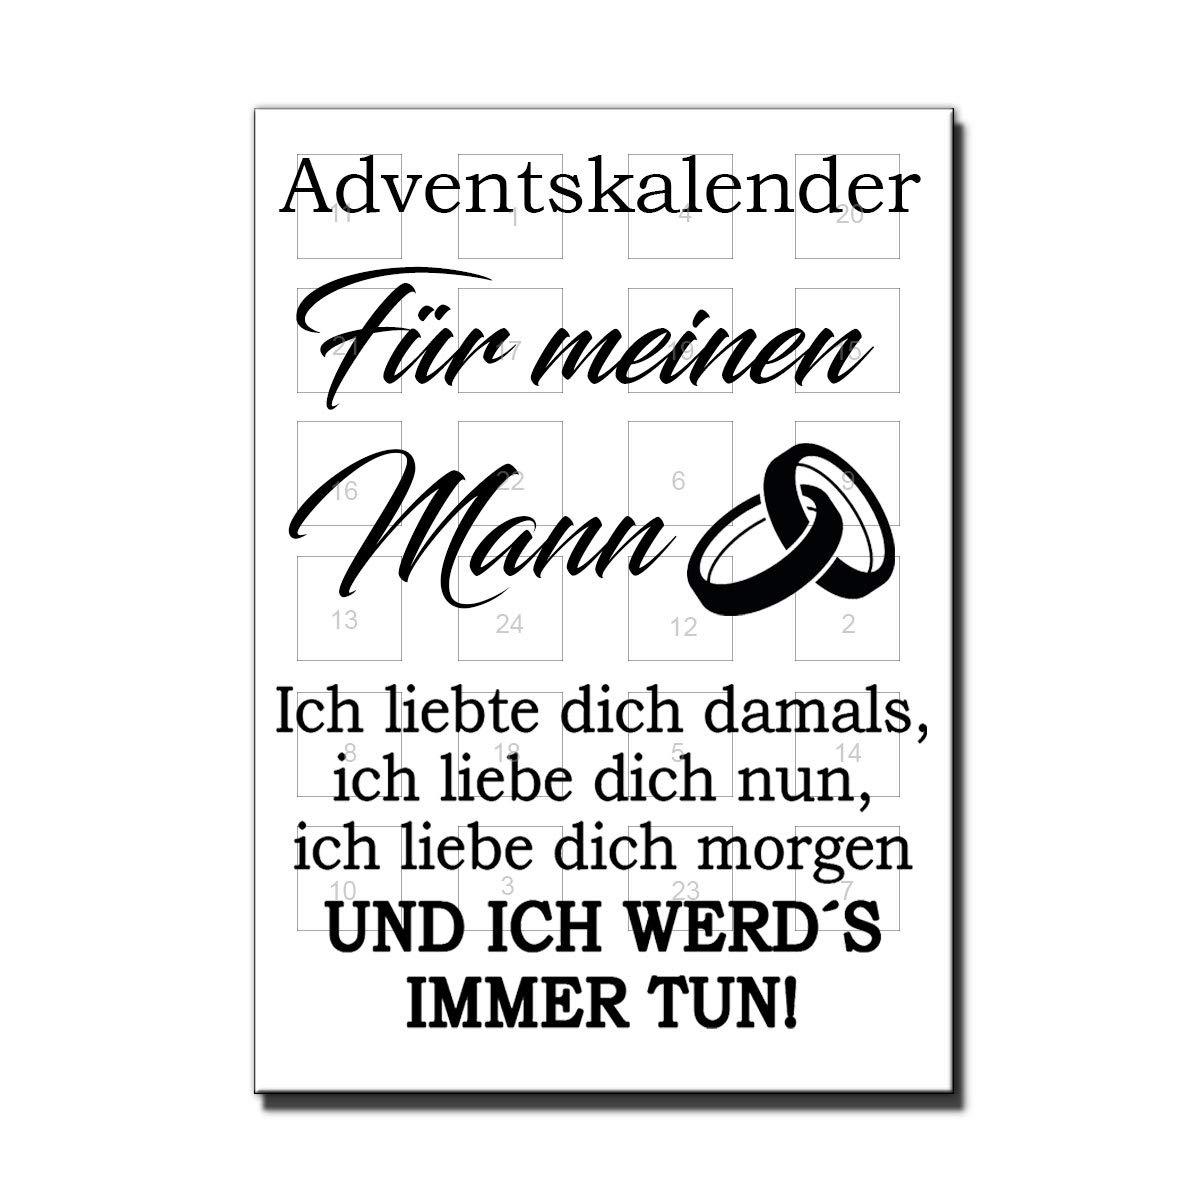 Frau Mann Adventskalender Für deine Liebsten Schatz Weihnachtskalender